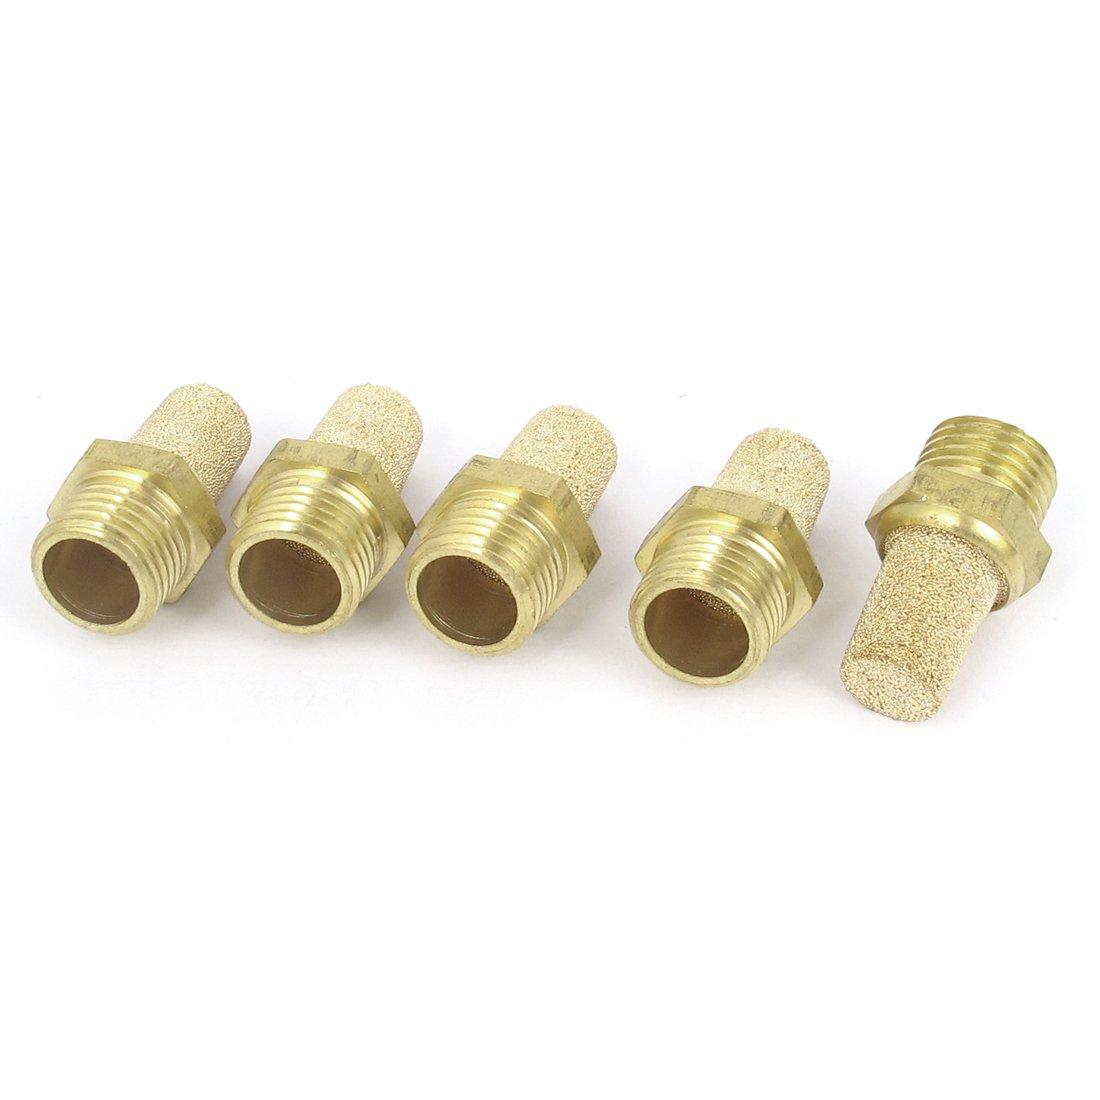 trust uxcell 1 4BSP Male Thread Brass Air Silencer M Pneumatic Exhaust Max 53% OFF